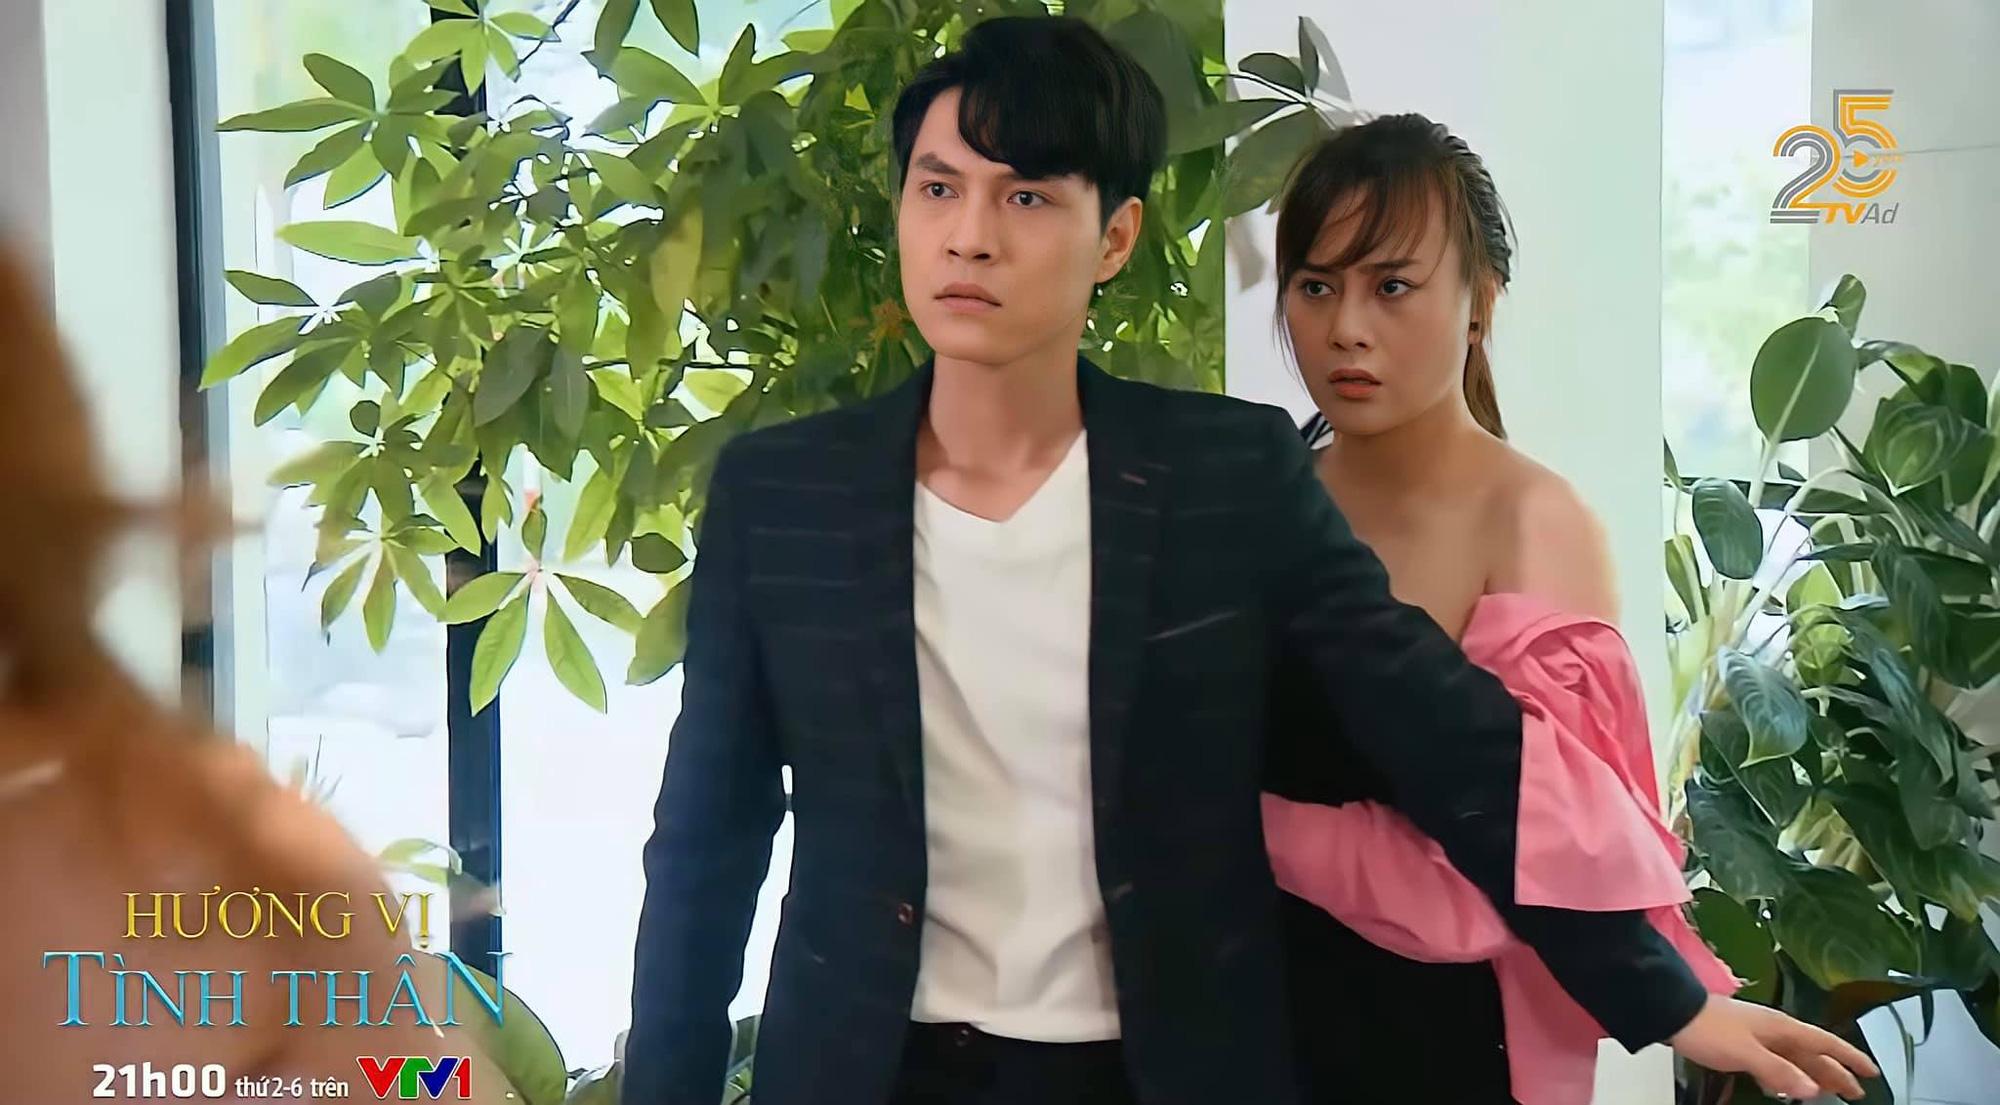 Profile trai đẹp cho Long (Hương Vị Tình Thân) ra chuồng gà: Visual chẳng kém nam chính, hôn nhân viên mãn thấy mà ham - Ảnh 1.